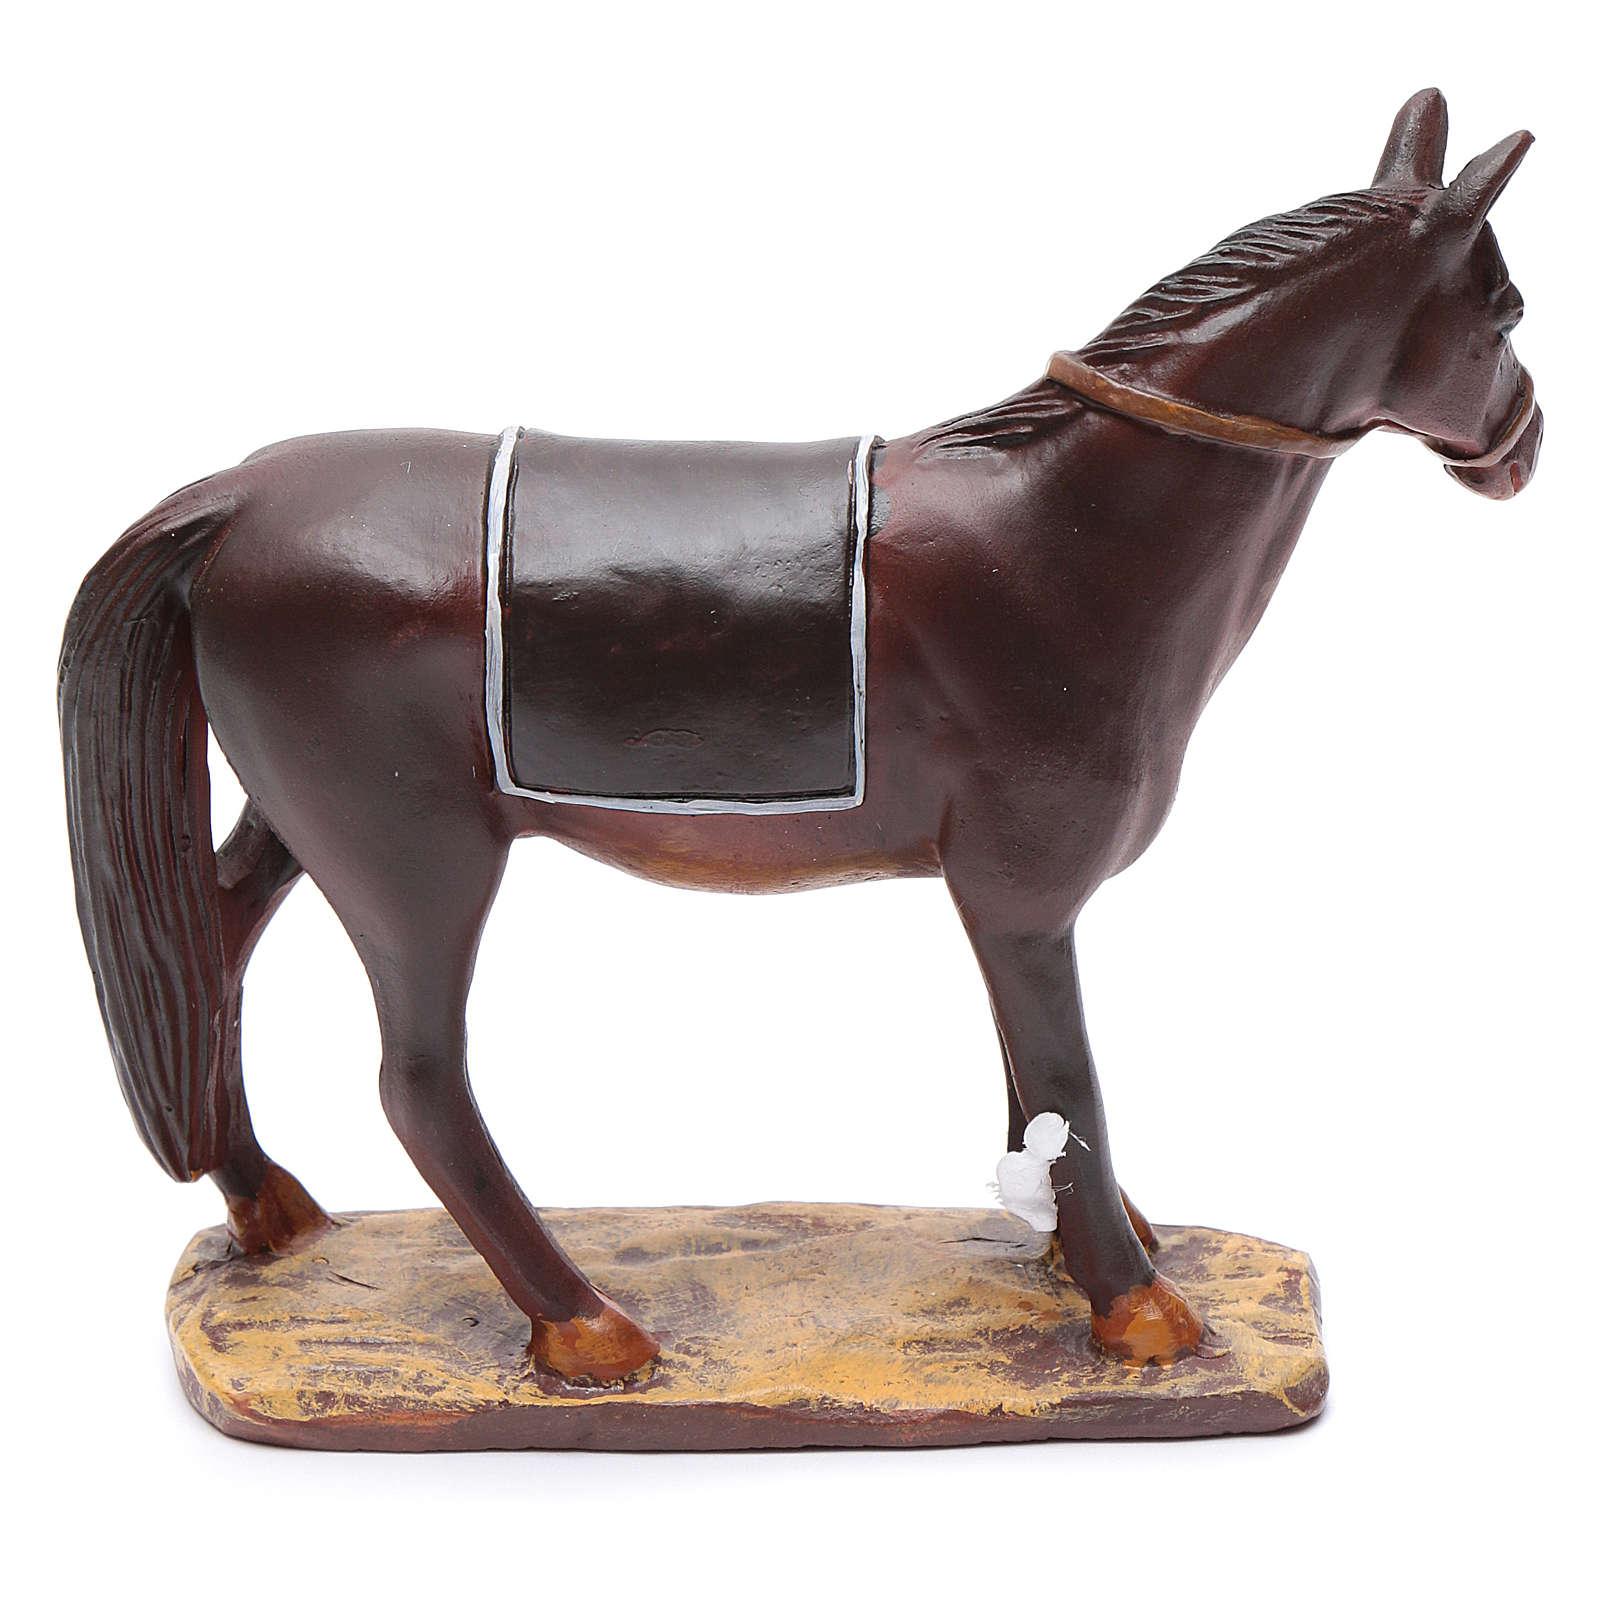 Cavallo in resina per presepe 12 cm Linea Martino Landi 3